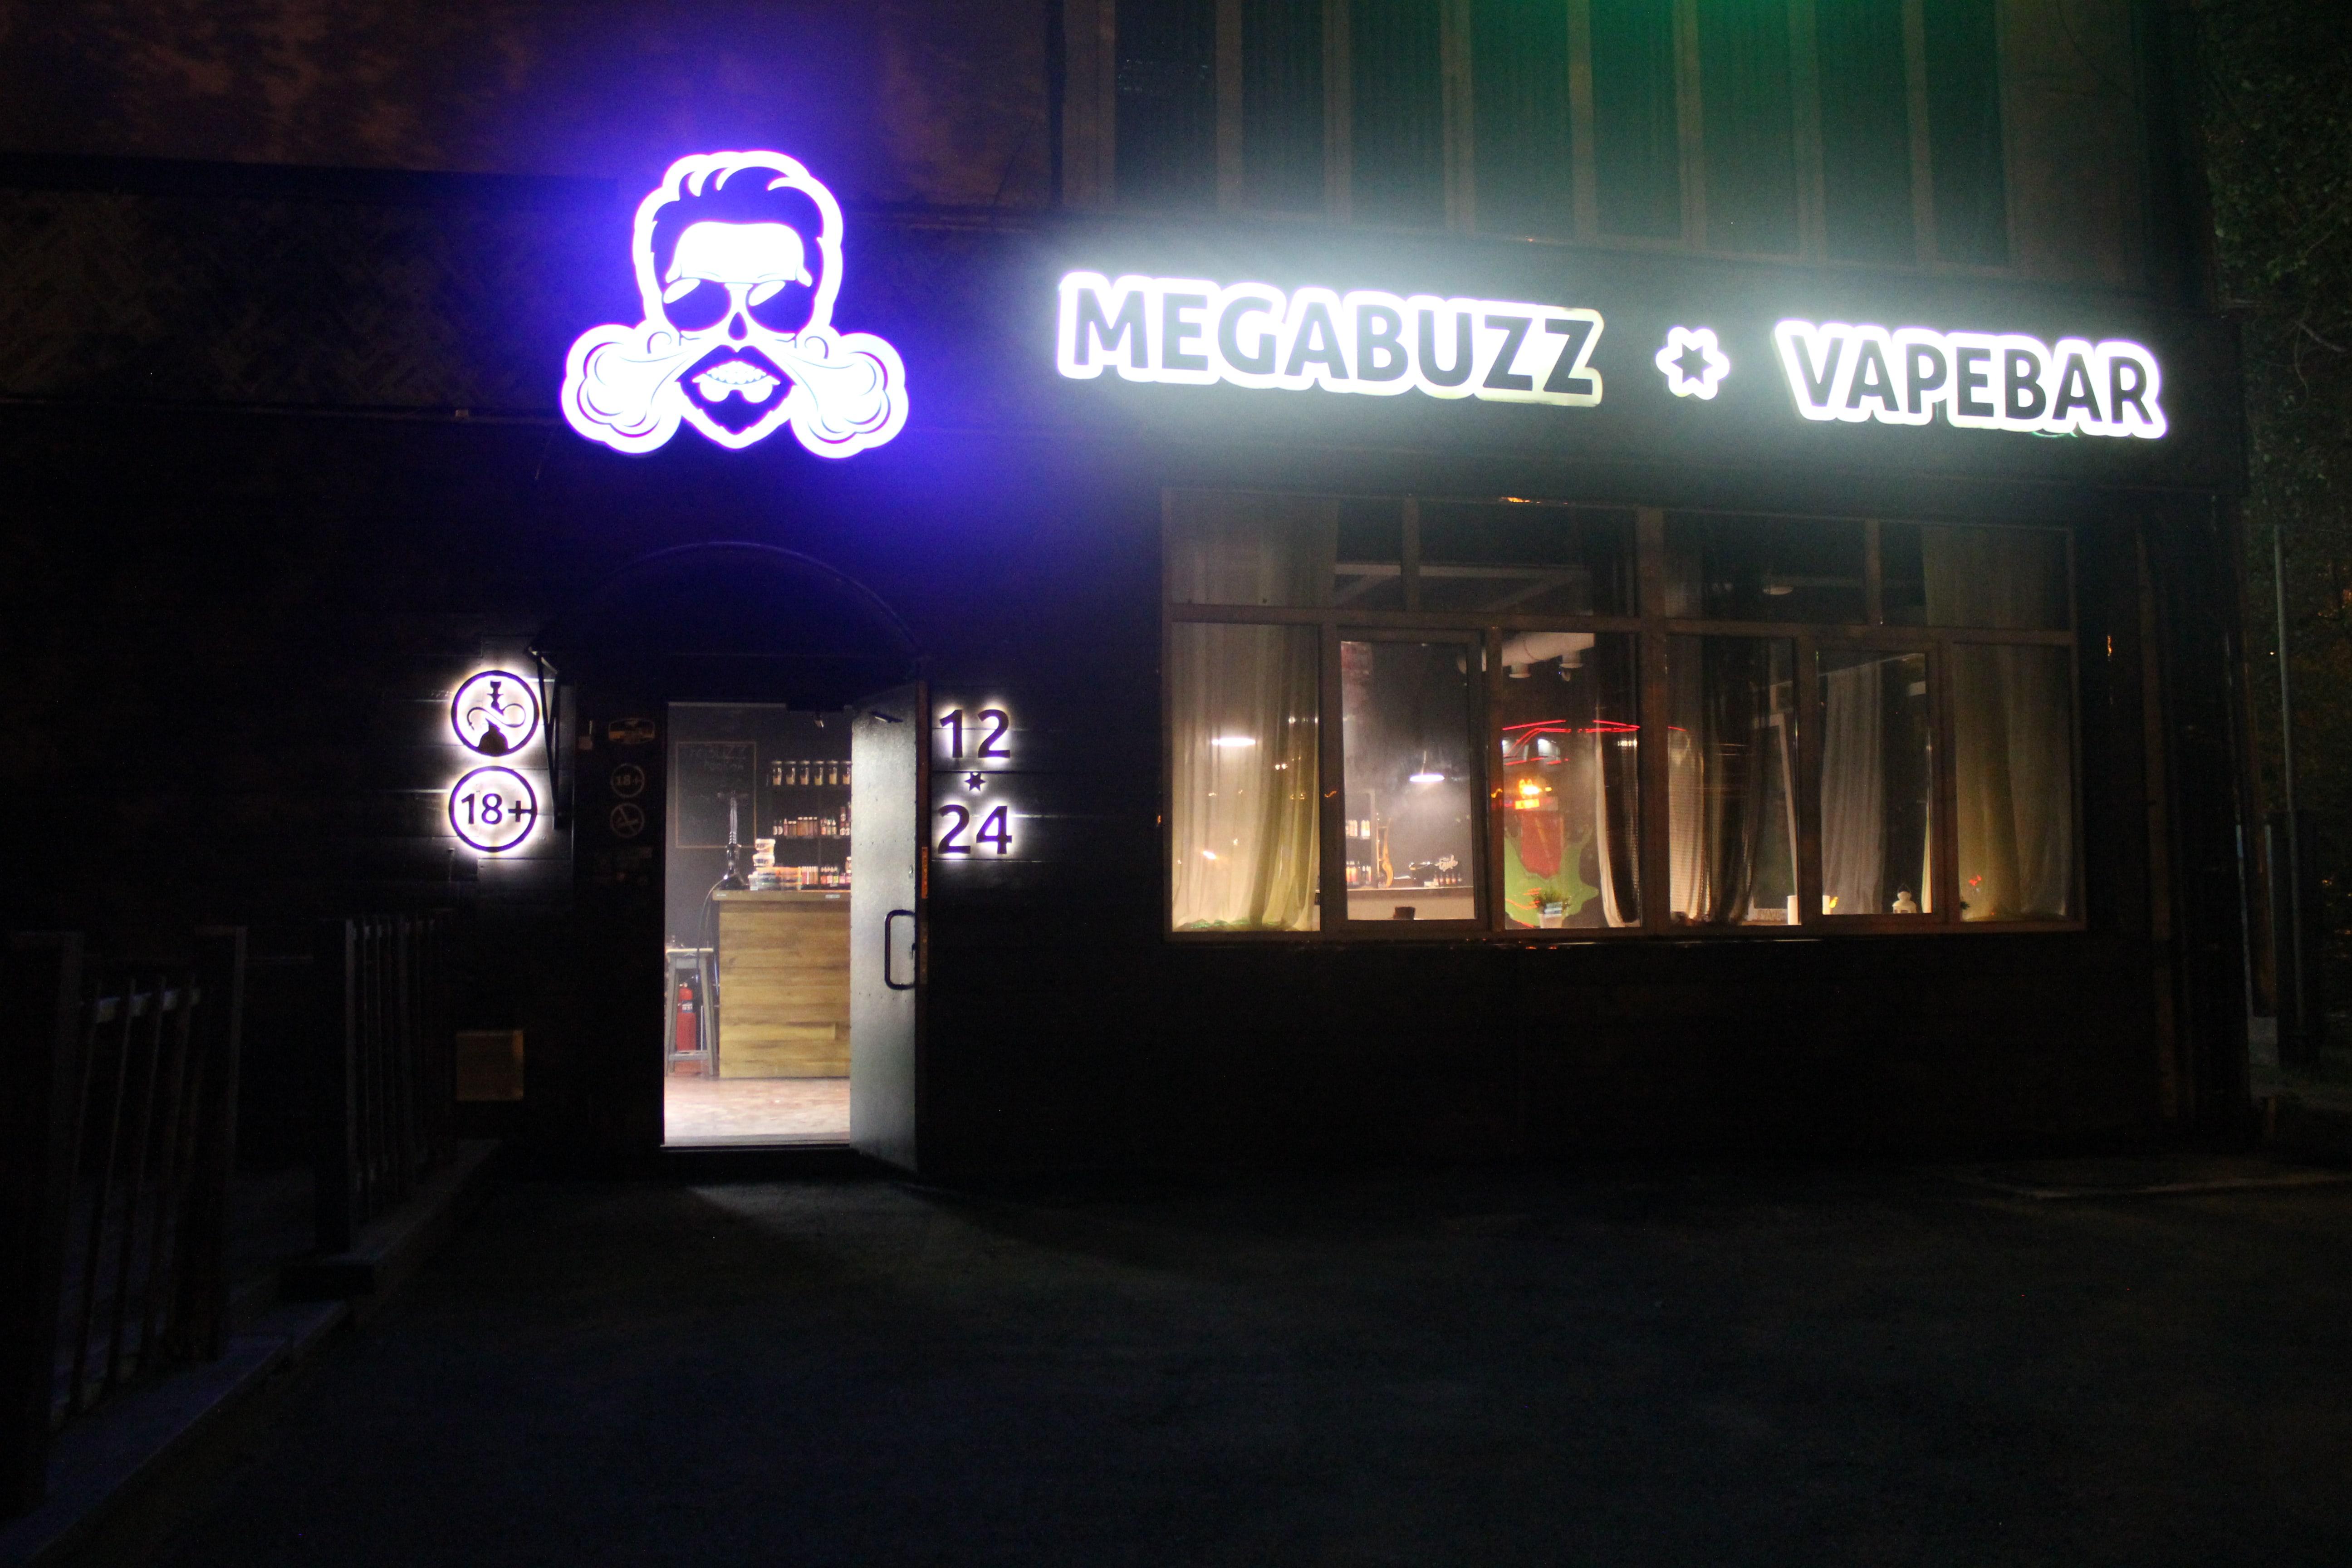 Вейпшоп «Мегабазз» г. Красноярск, ул. Киренского 89. тел. 215-19-28